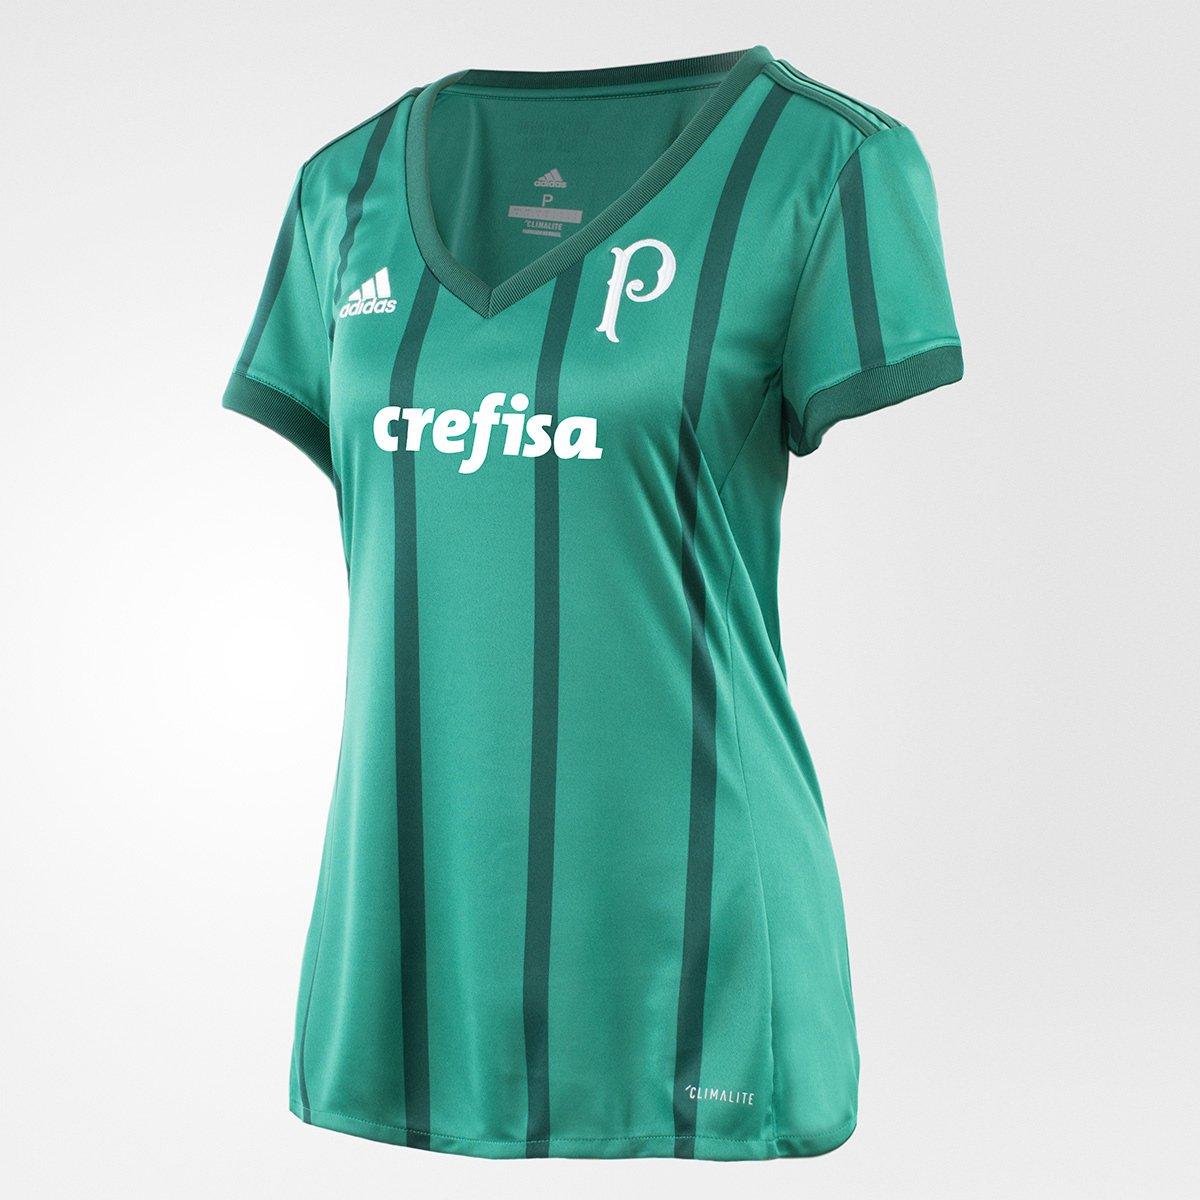 1d002a354211d Camisa Palmeiras I 17 18 s nº - Torcedor Adidas Feminina - Compre Agora